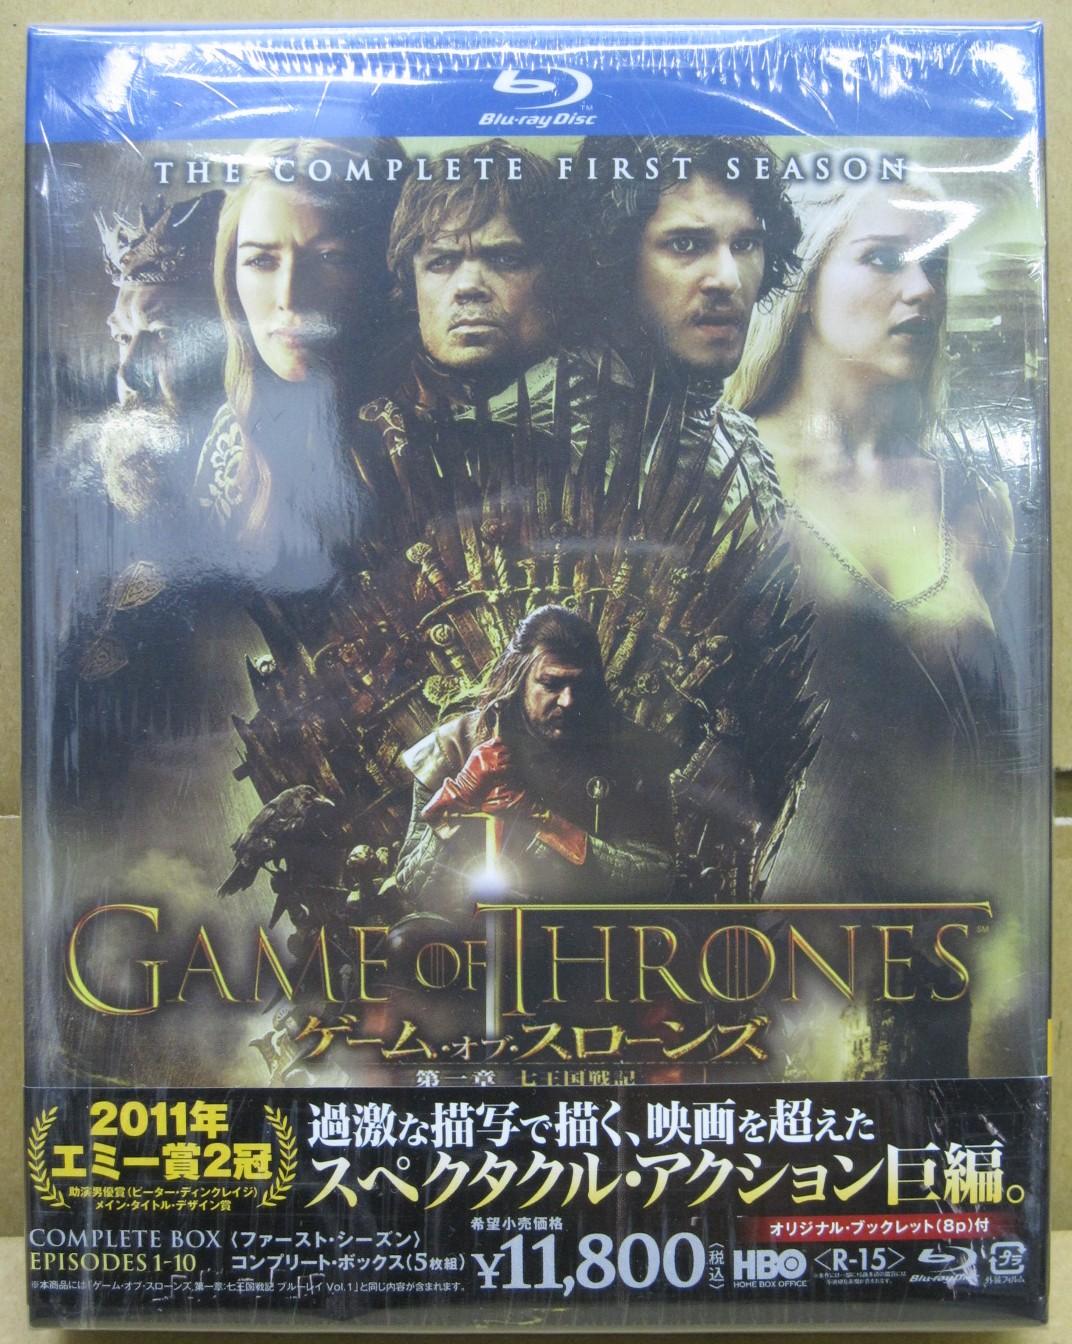 ゲーム・オブ・スローンズ [Blu-ray] コンプリート・ボックス 第一章:七王国戦記 ブルーレイ